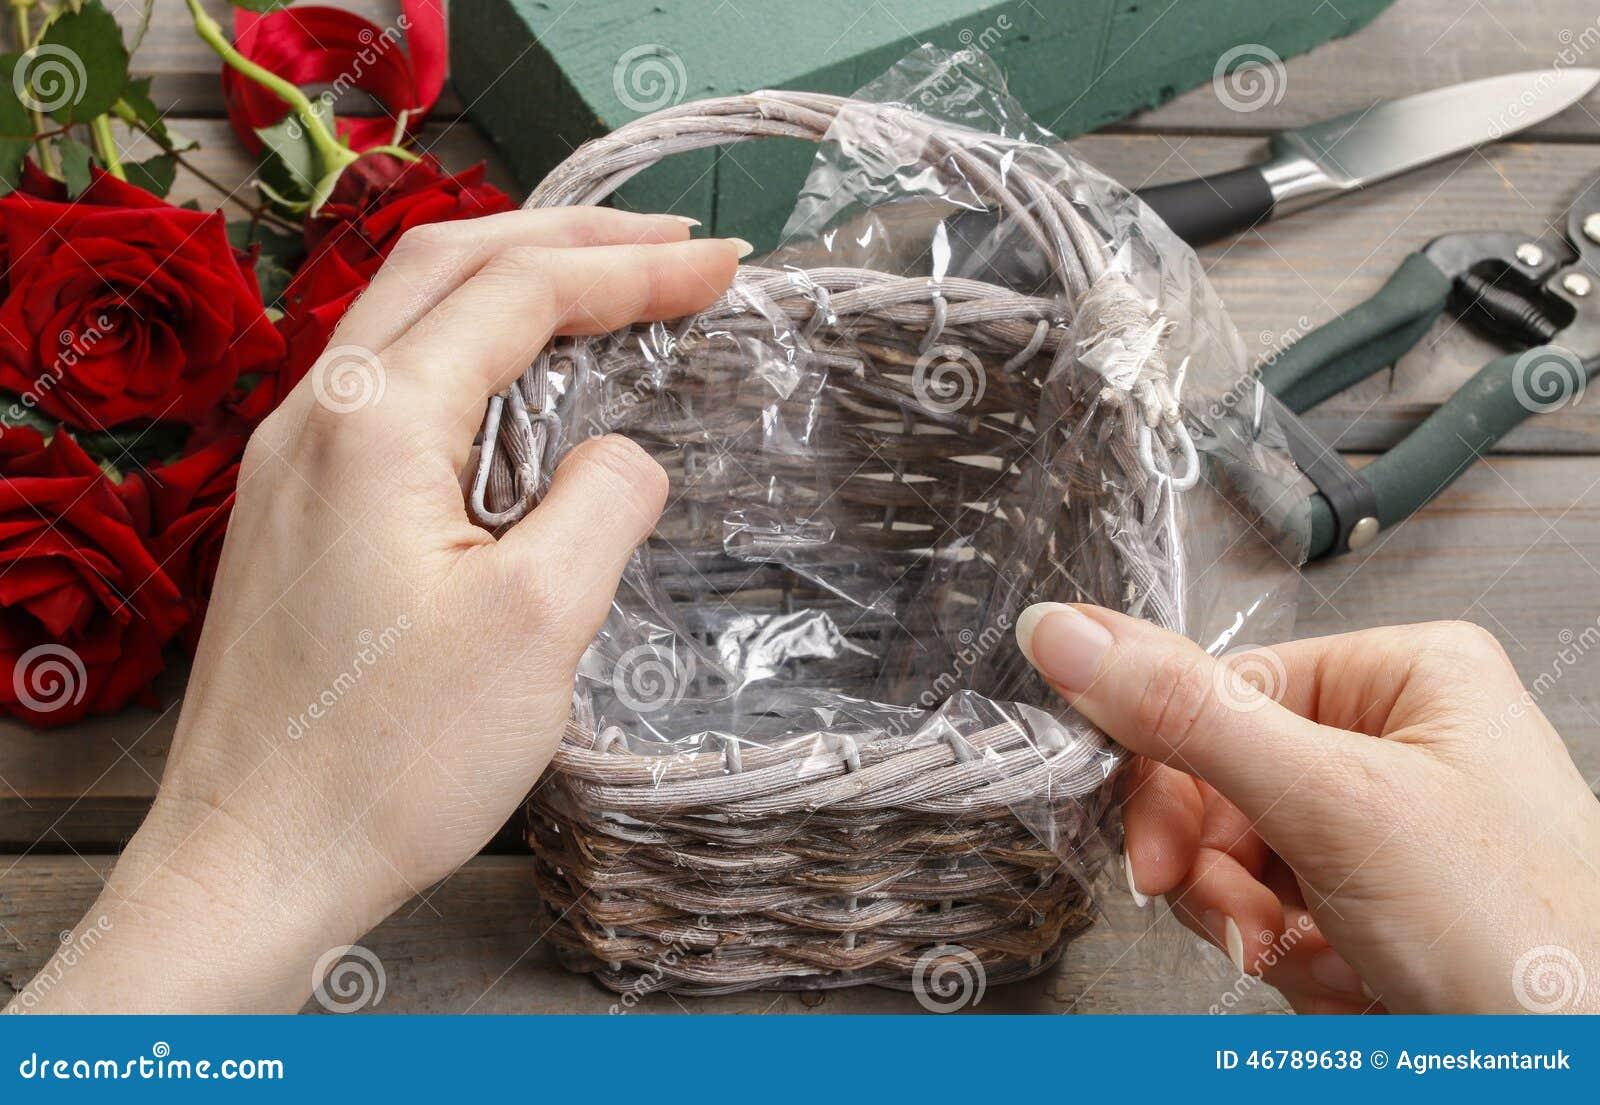 cmo hacer el ramo de rosas en tutorial de la cesta de mimbre foto de archivo